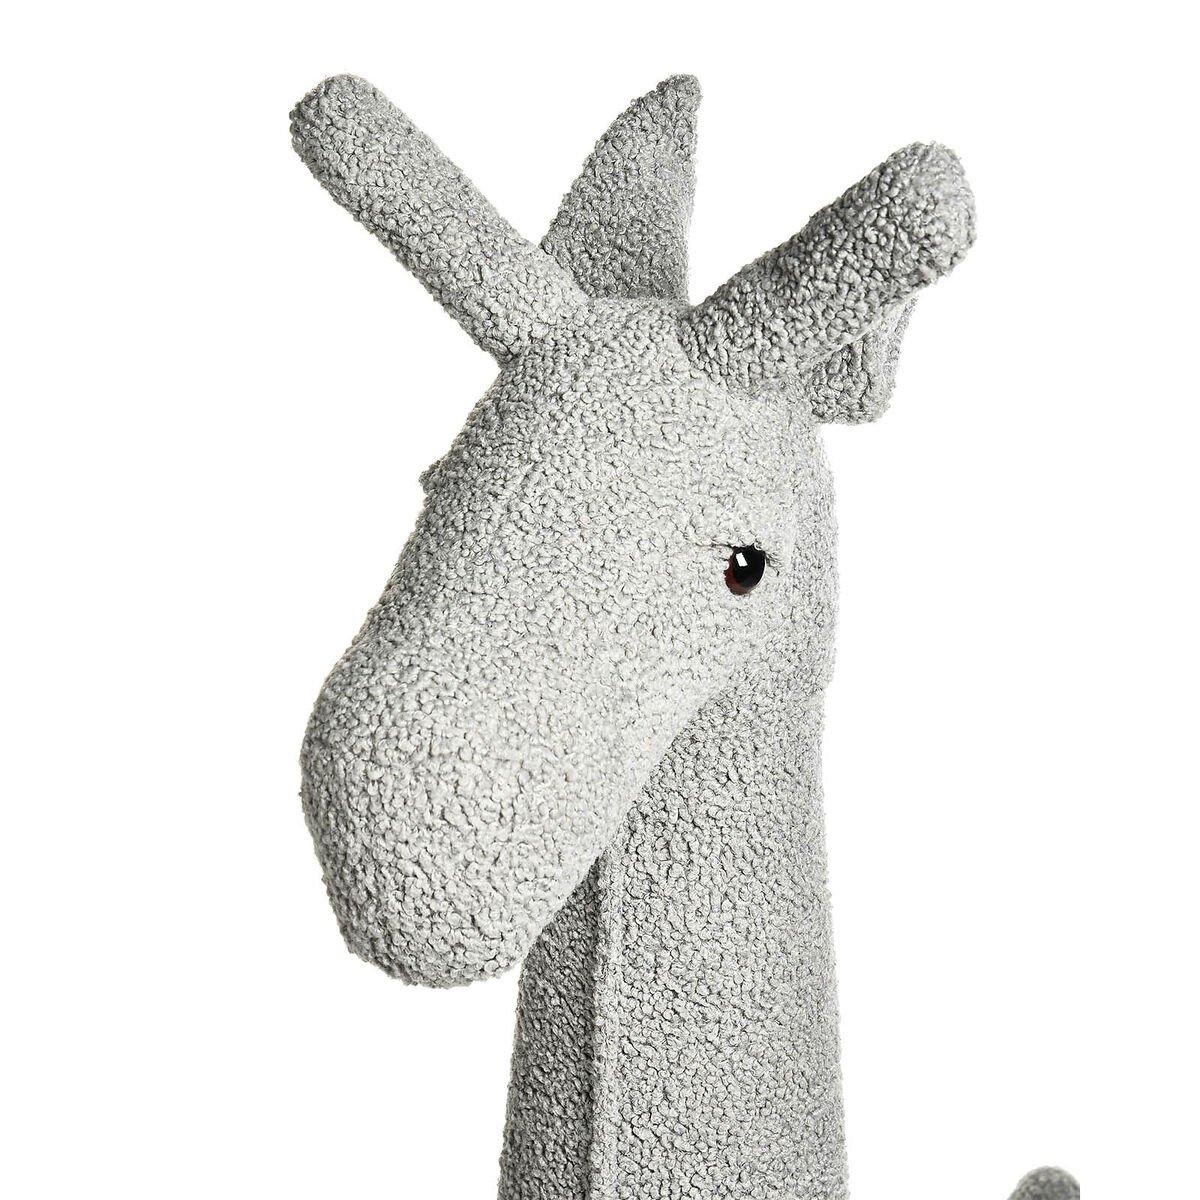 Bild 4 von Hocker Giraffe, 75x35x128cm, hellgrau